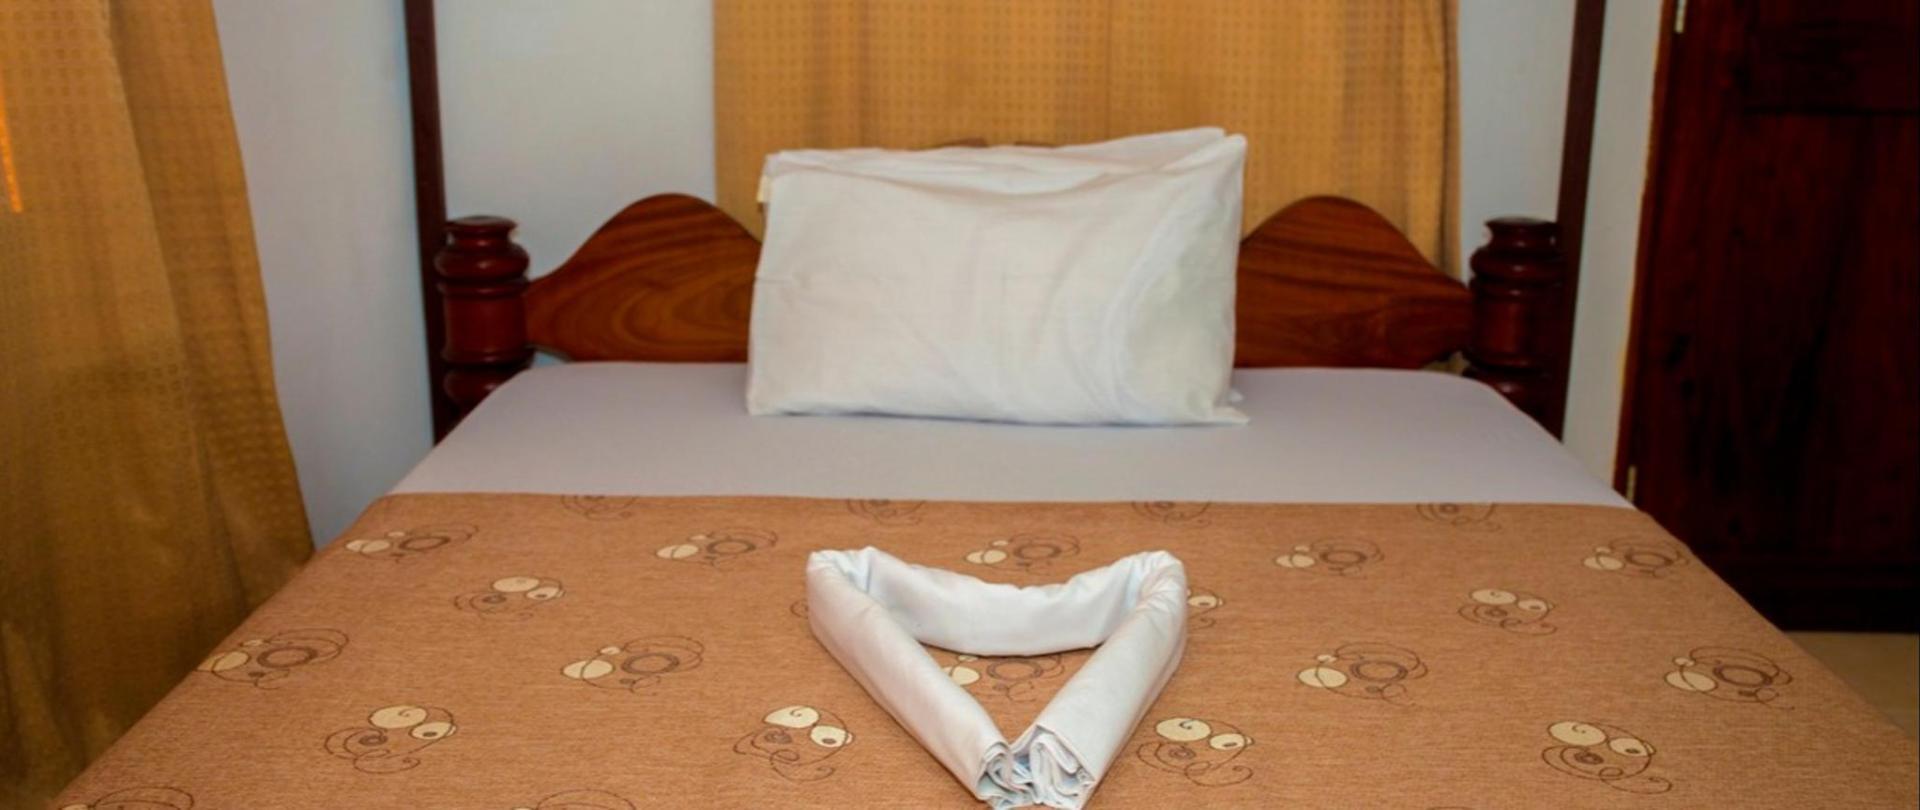 MIKOCHENI CONDO HOTEL078.jpg